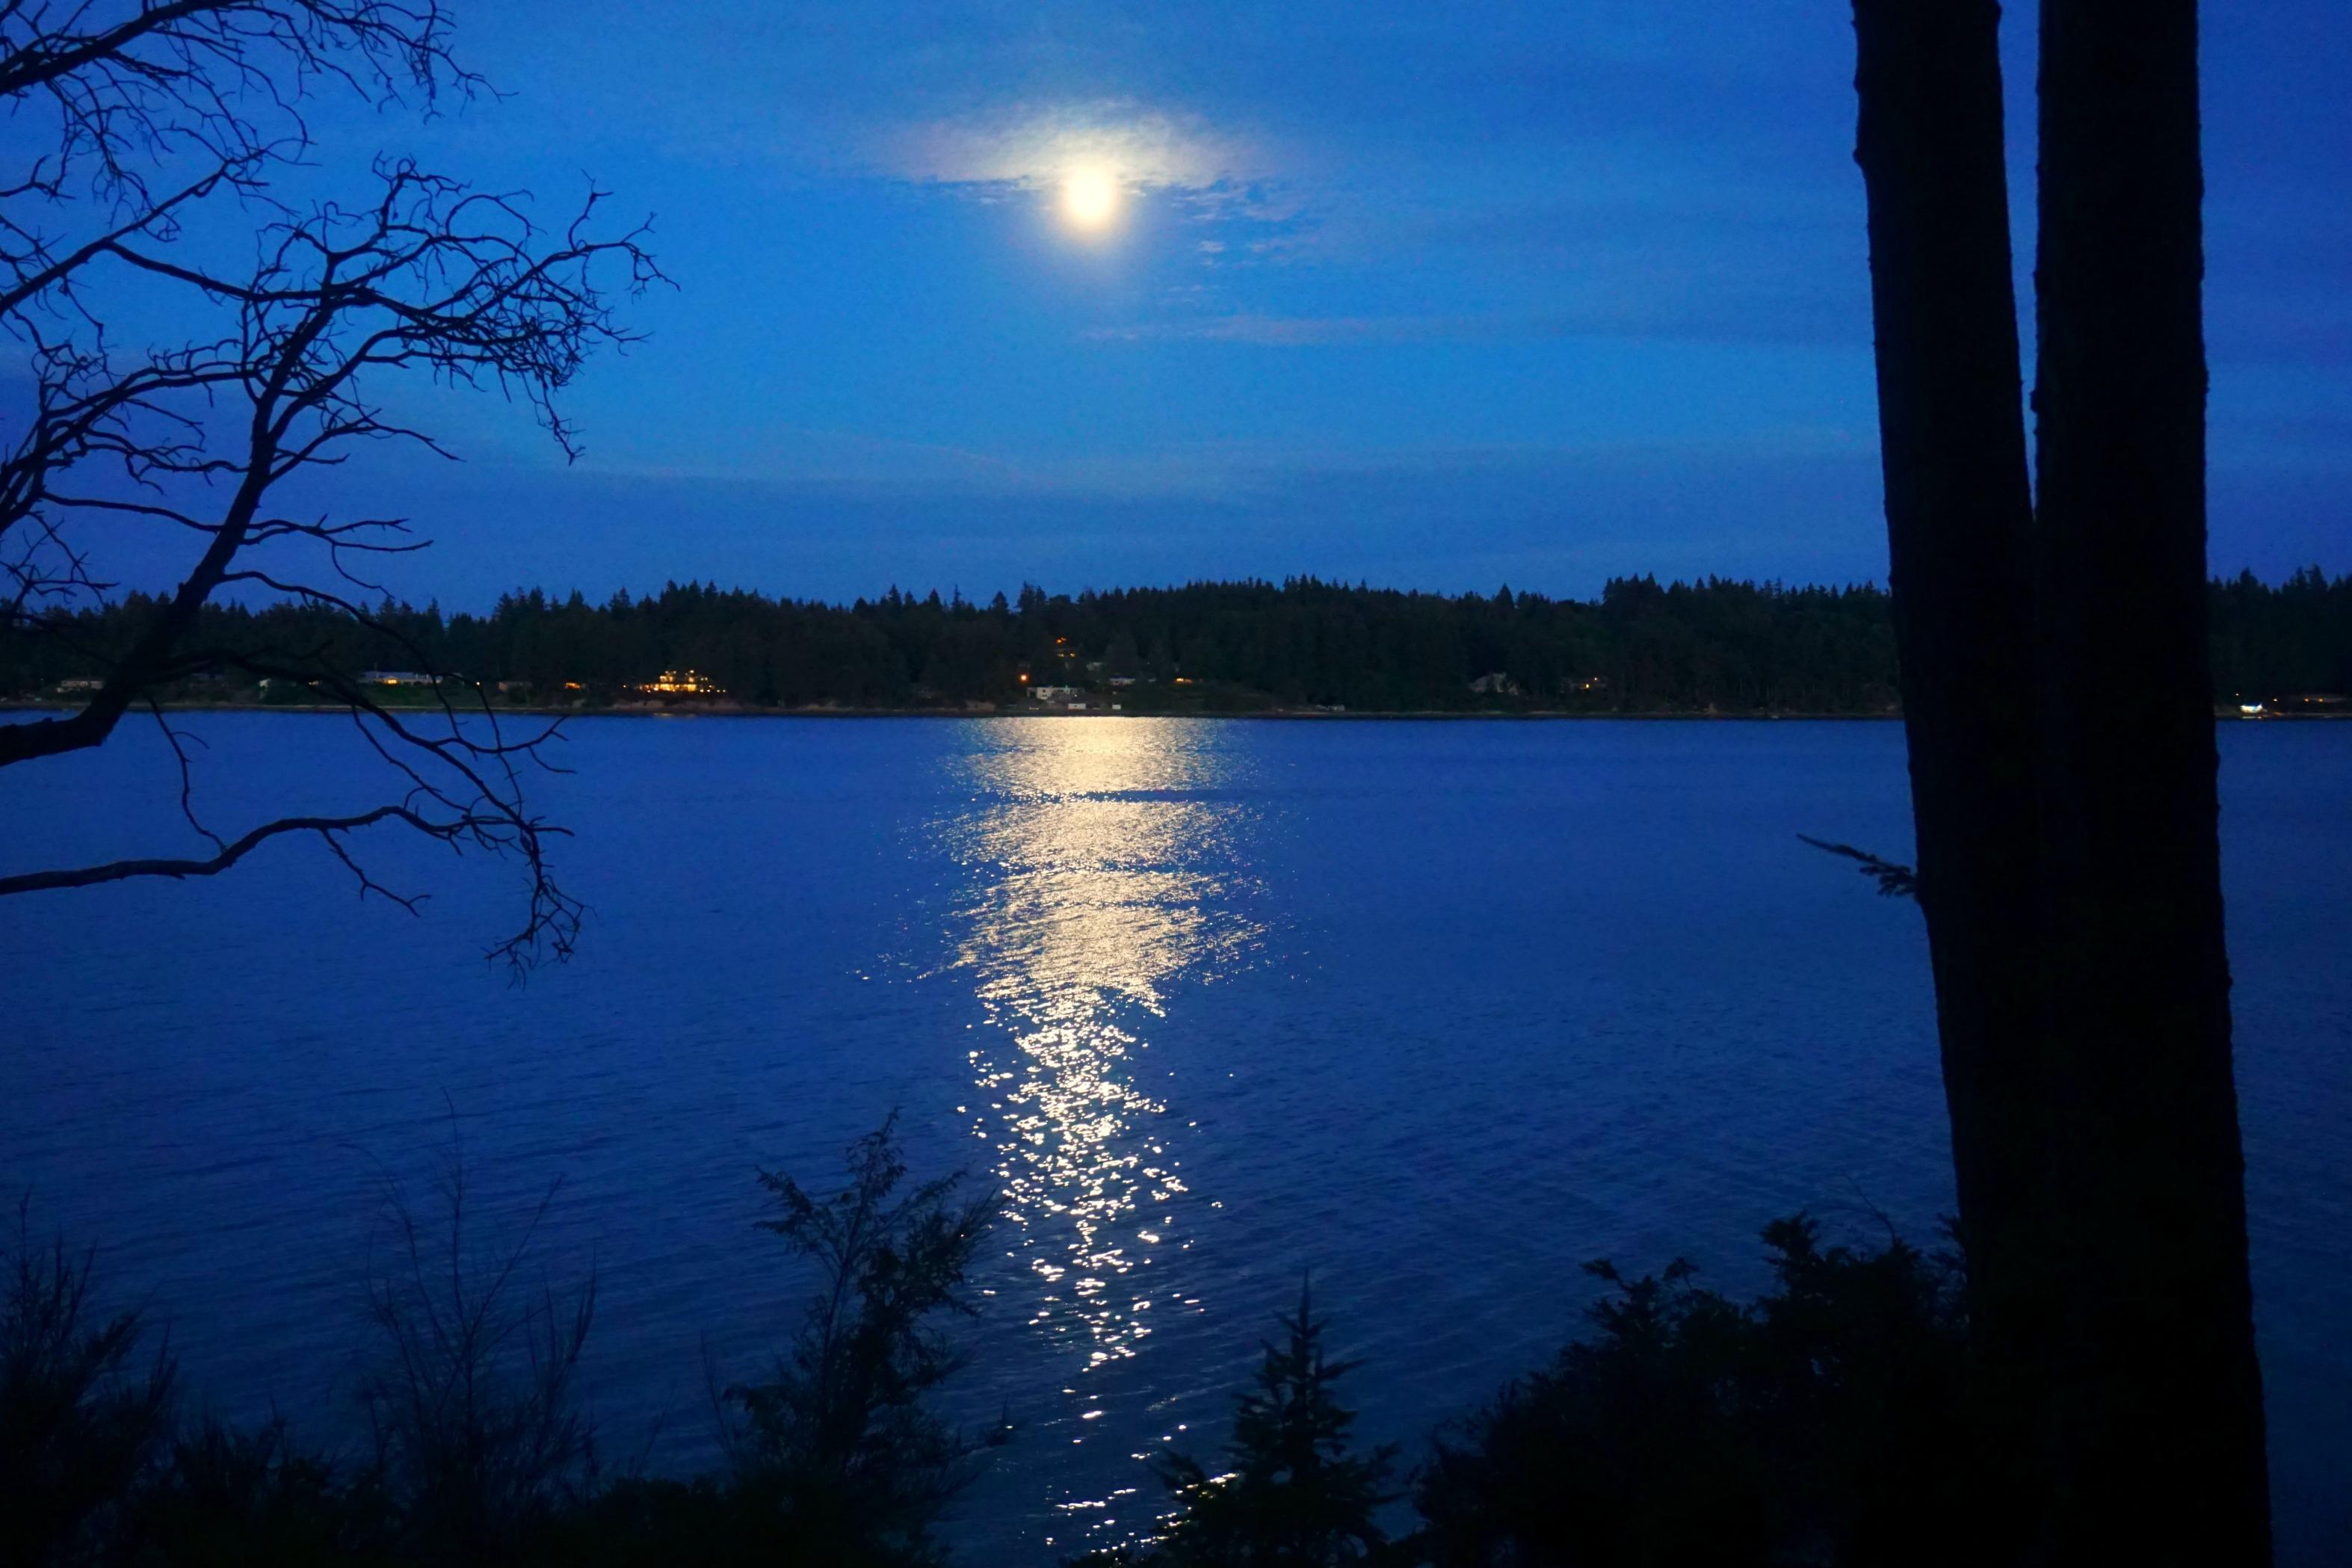 eld-inlet-moon-over